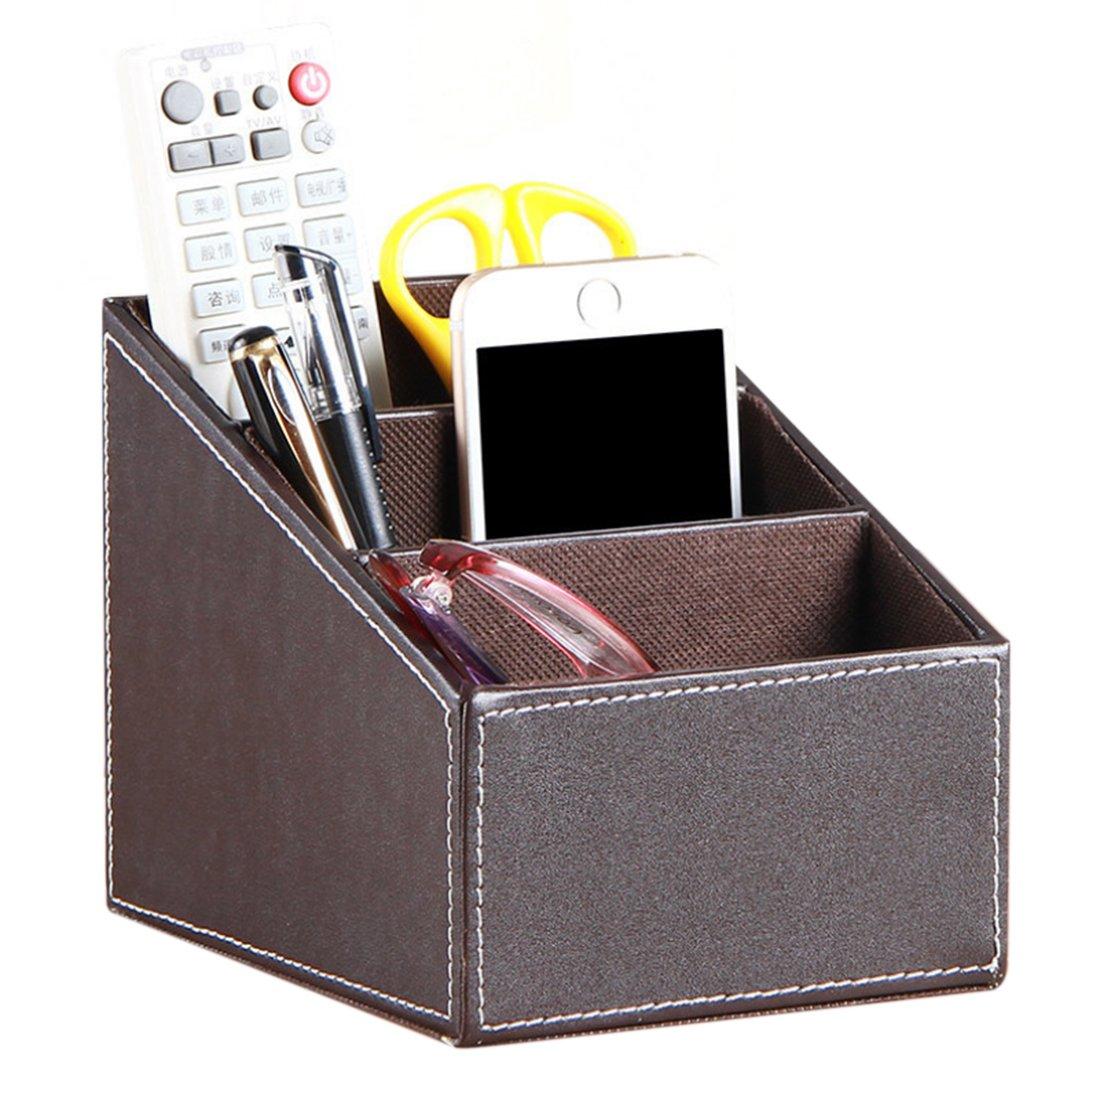 marron Porte-T/él/écommande Hipsteen faux cuir T/él/écommande Bo/îte De Rangement Organisateur de support de CD Remote Control Holder